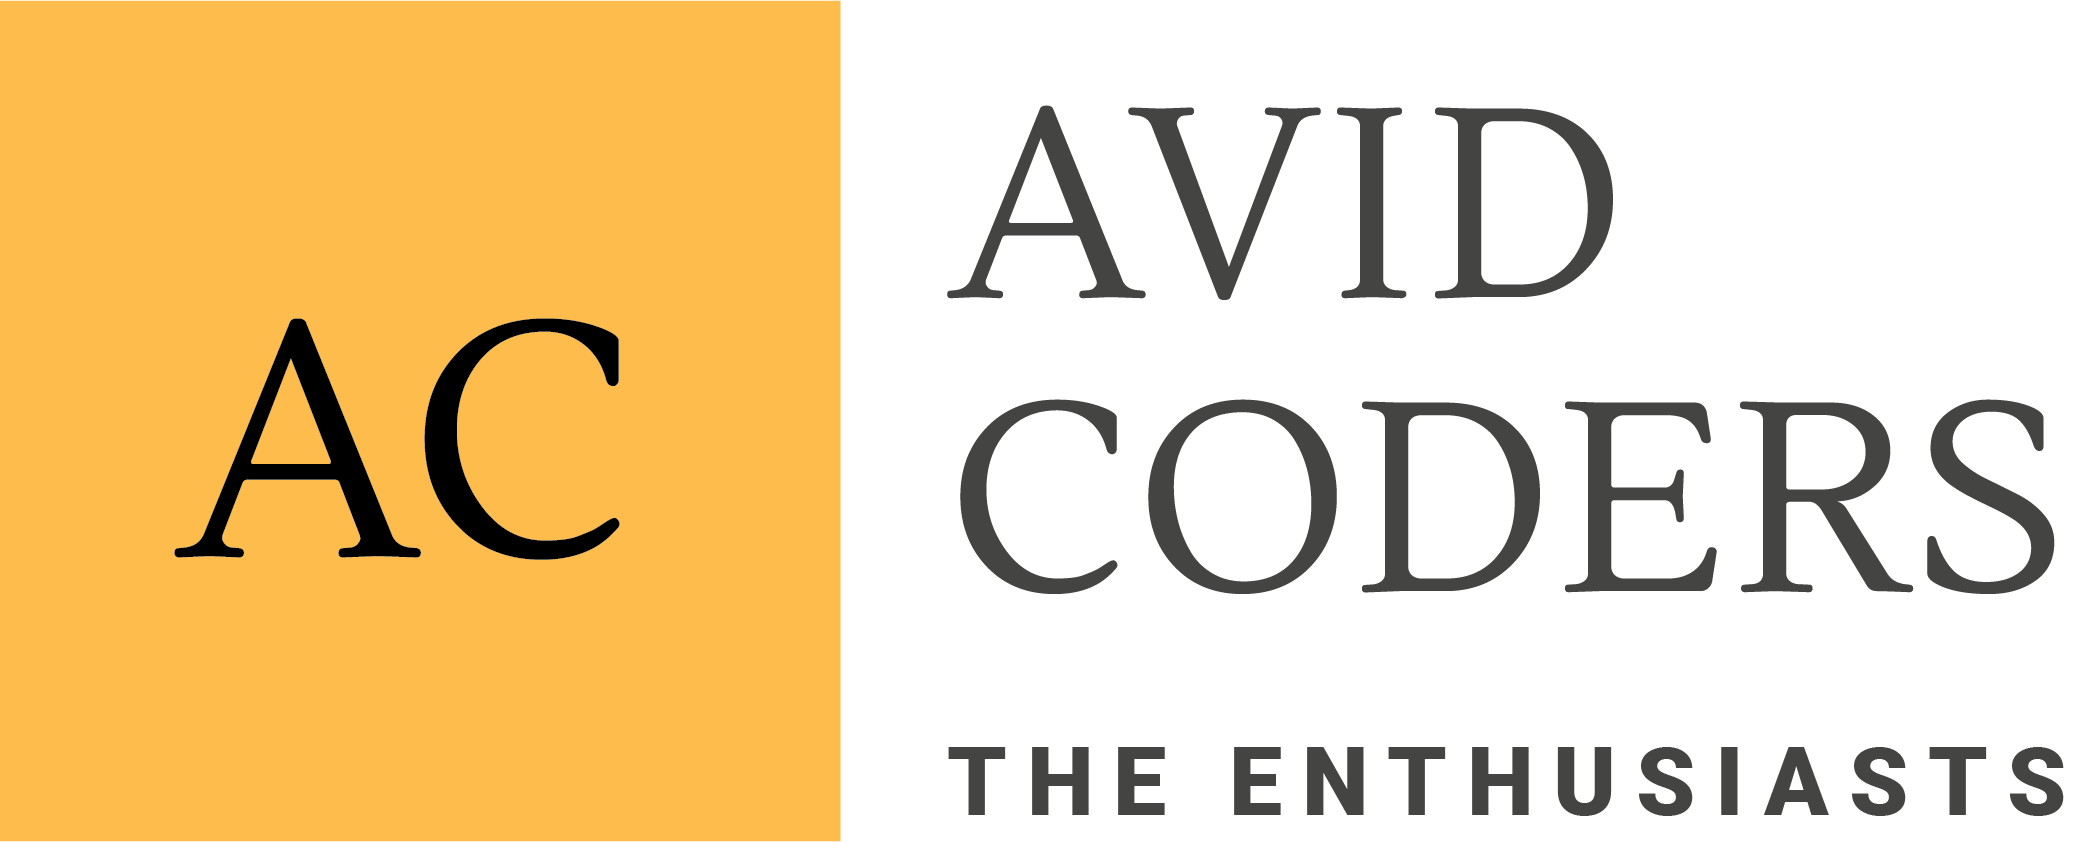 AvidCoders